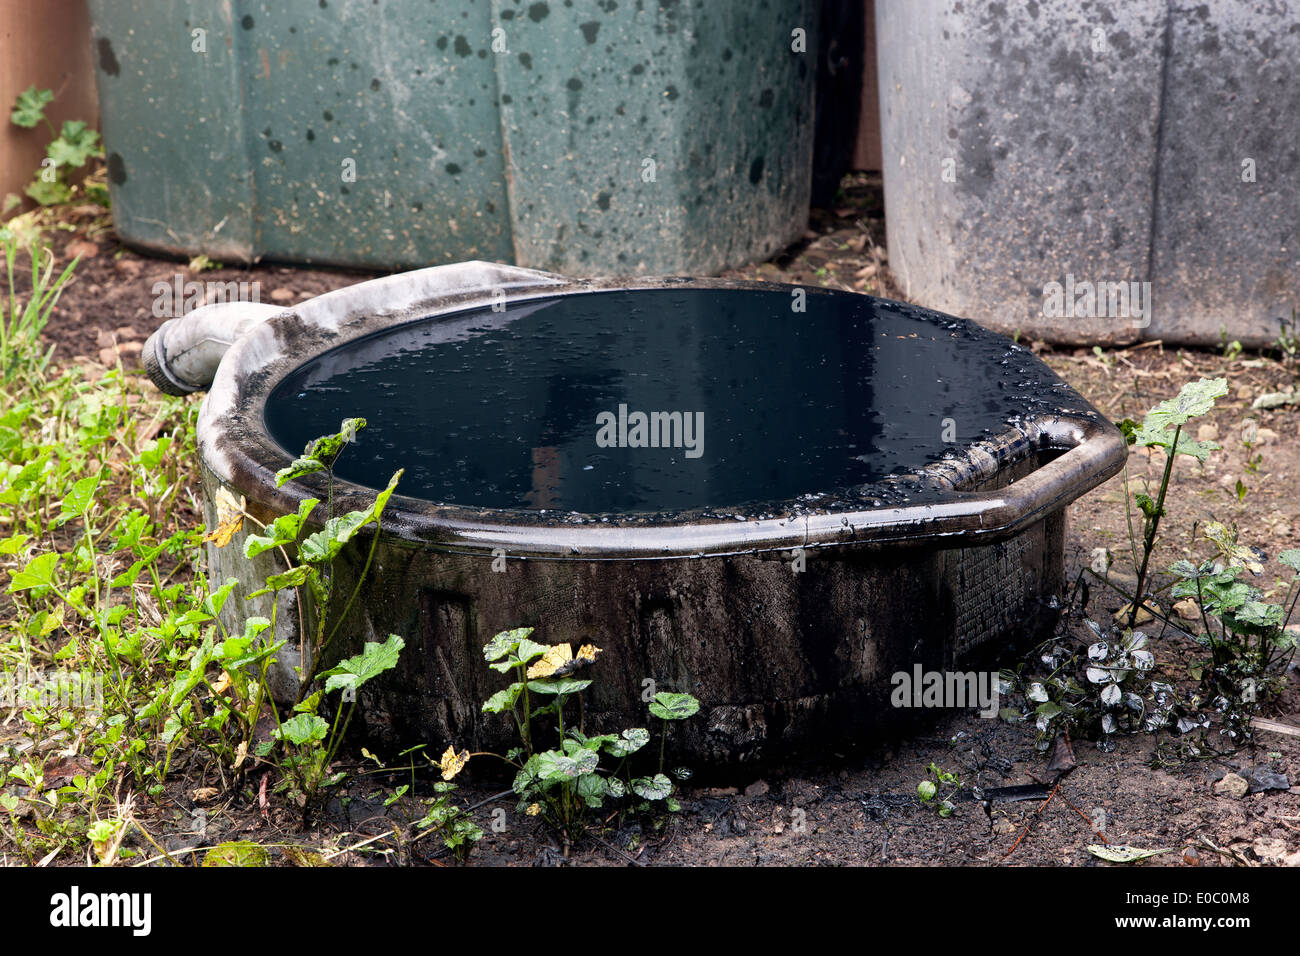 Bandeja de drenaje de aceite vertido desbordante que contengan aceite motor sucio. Imagen De Stock